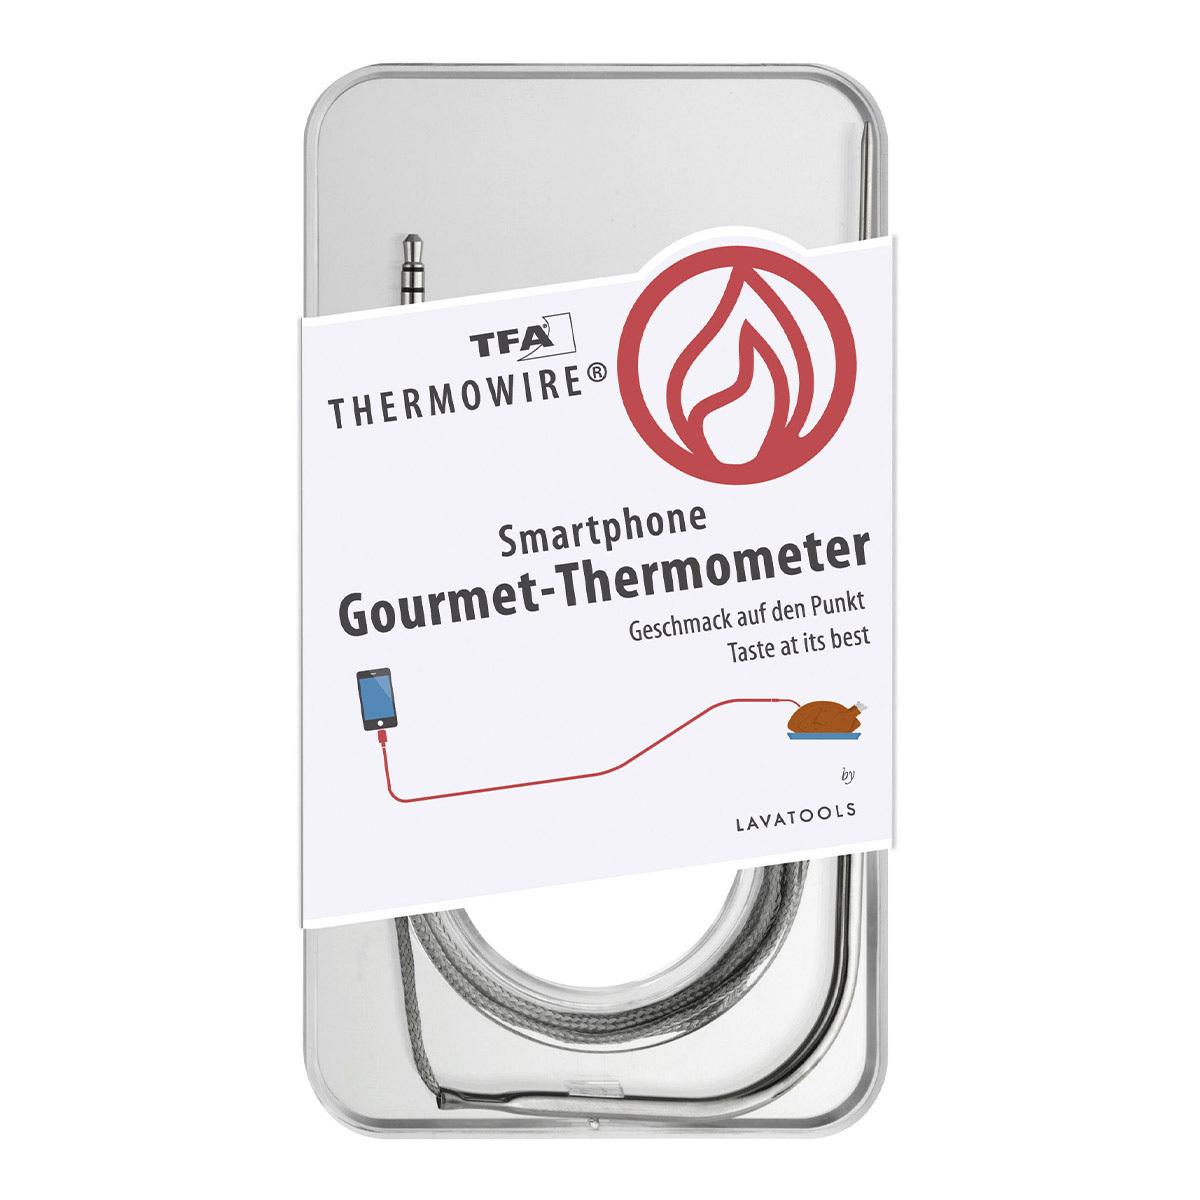 Термометр для гурманов для смартфонов THERMOWIRE TFA